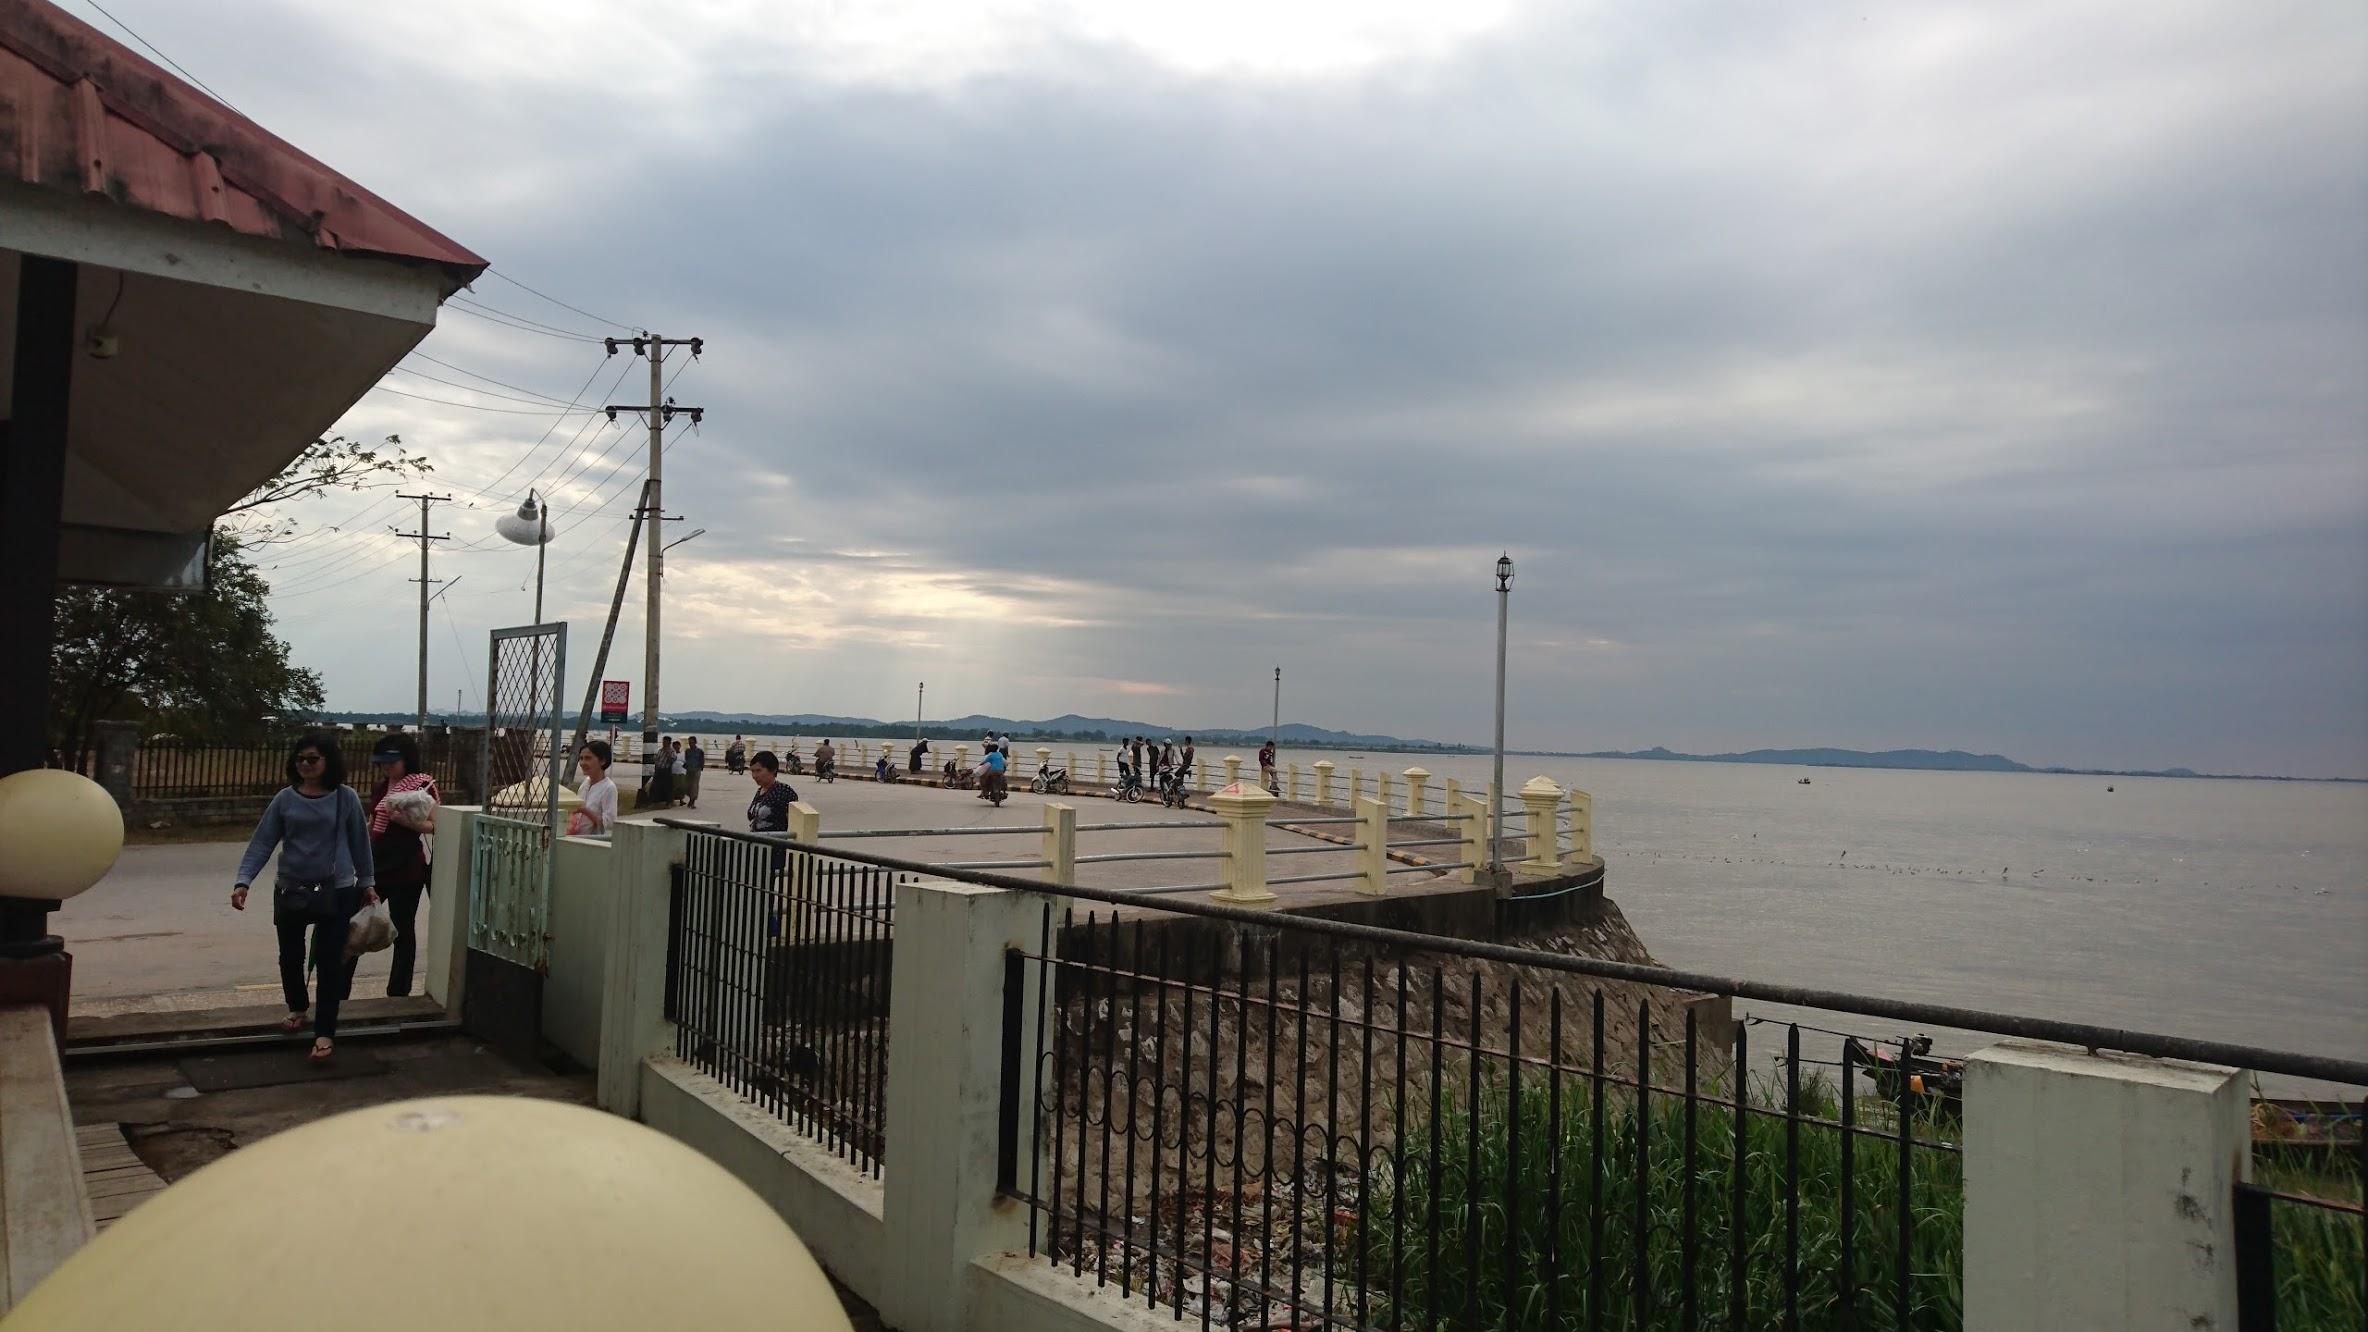 Thanlyin River, we meet again.